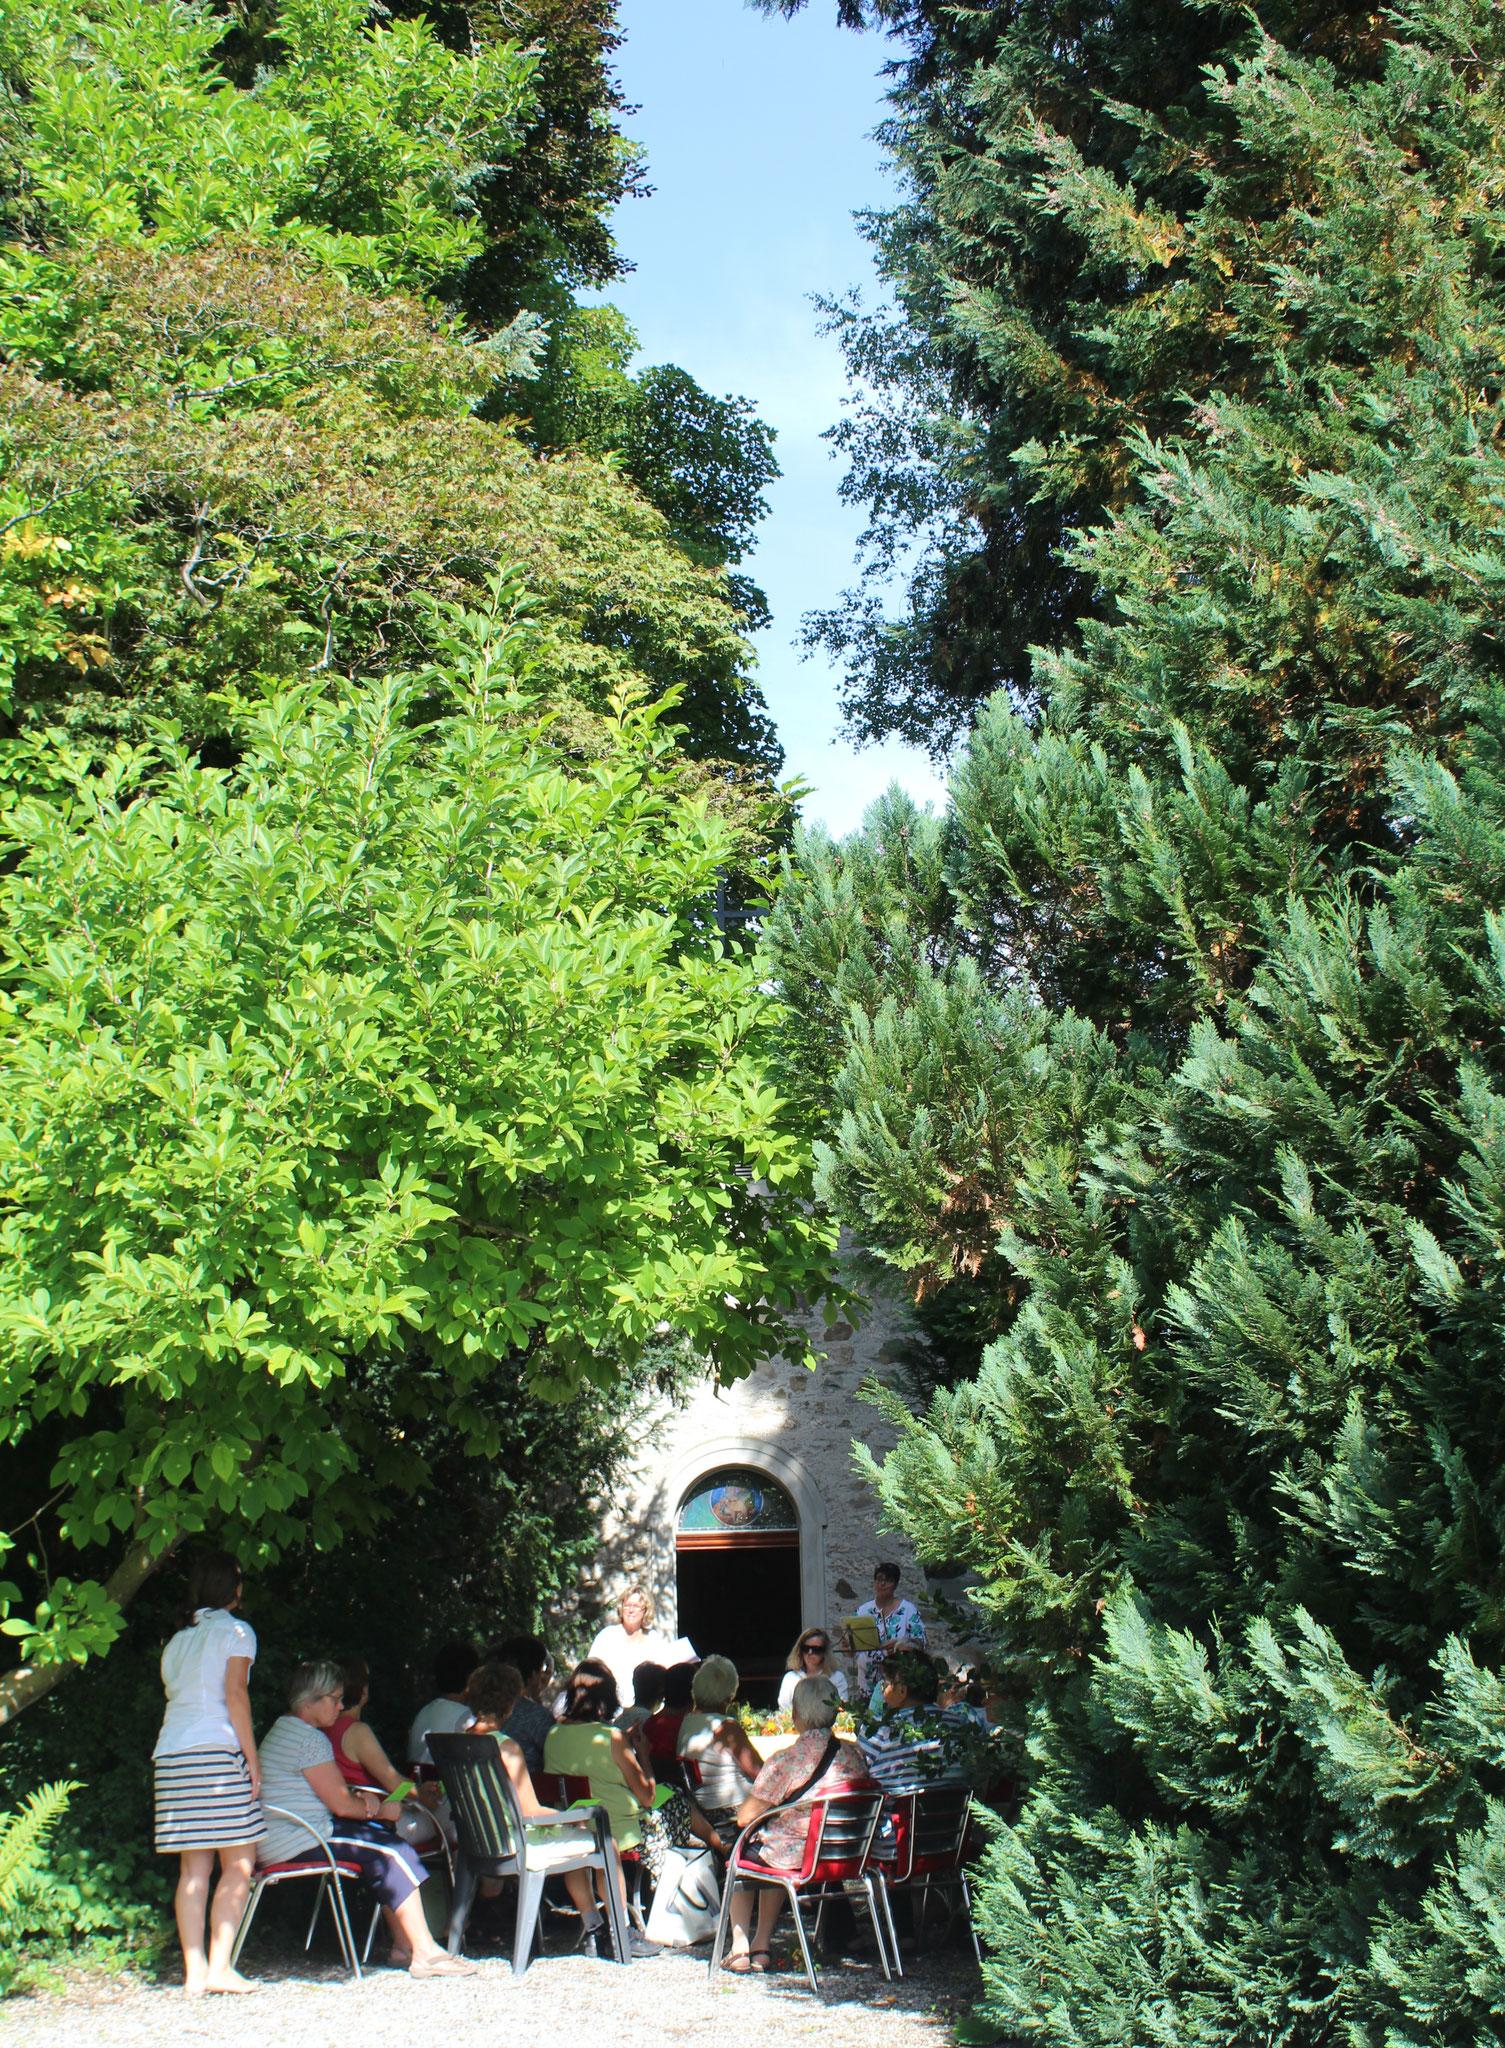 Andacht und Besinnung bei der ehrwürdigen Zypresse